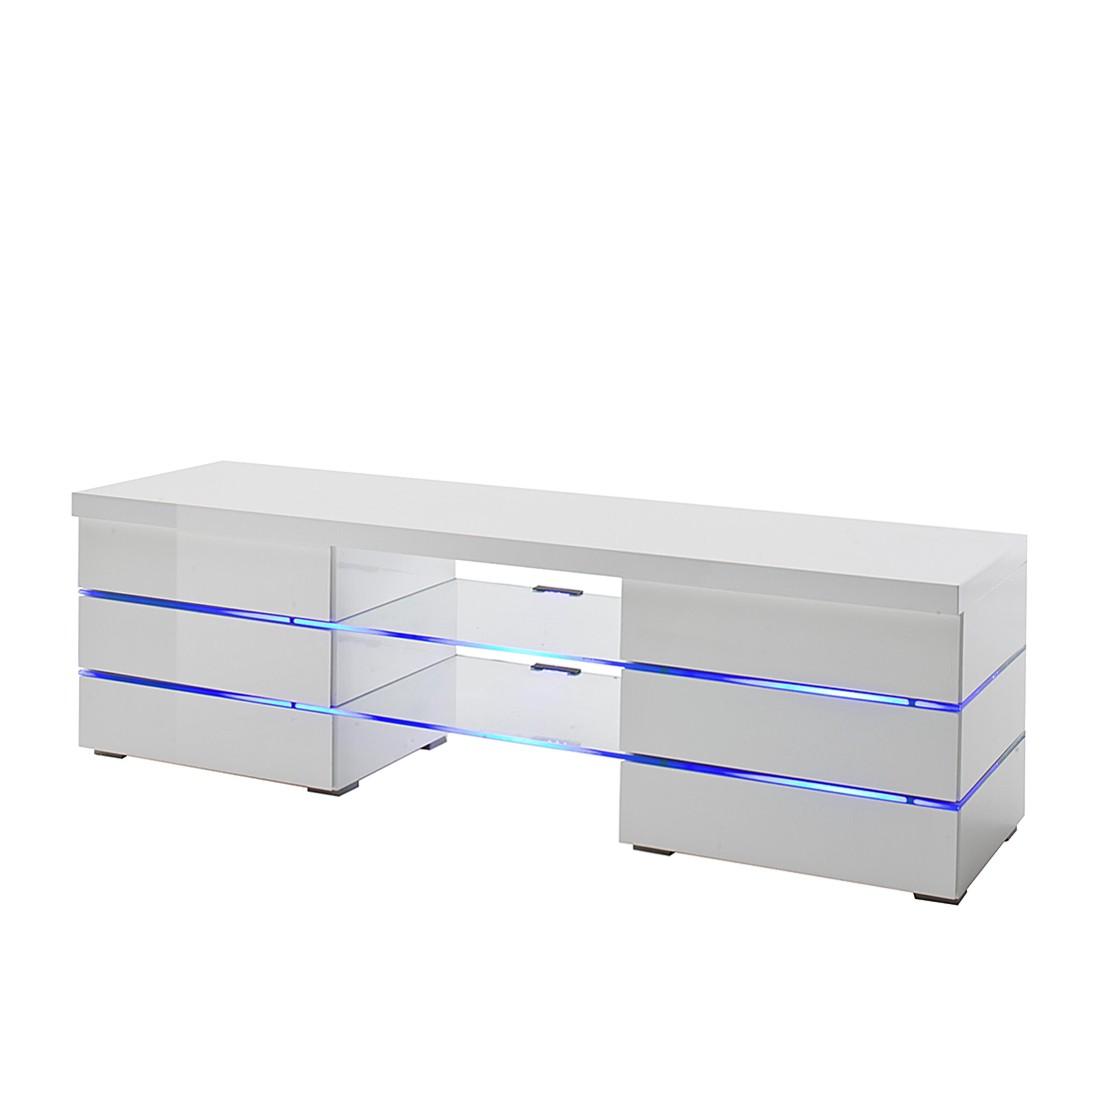 eek a tv lowboard penny mit rgb led beleuchtung loftscape g nstig online kaufen. Black Bedroom Furniture Sets. Home Design Ideas